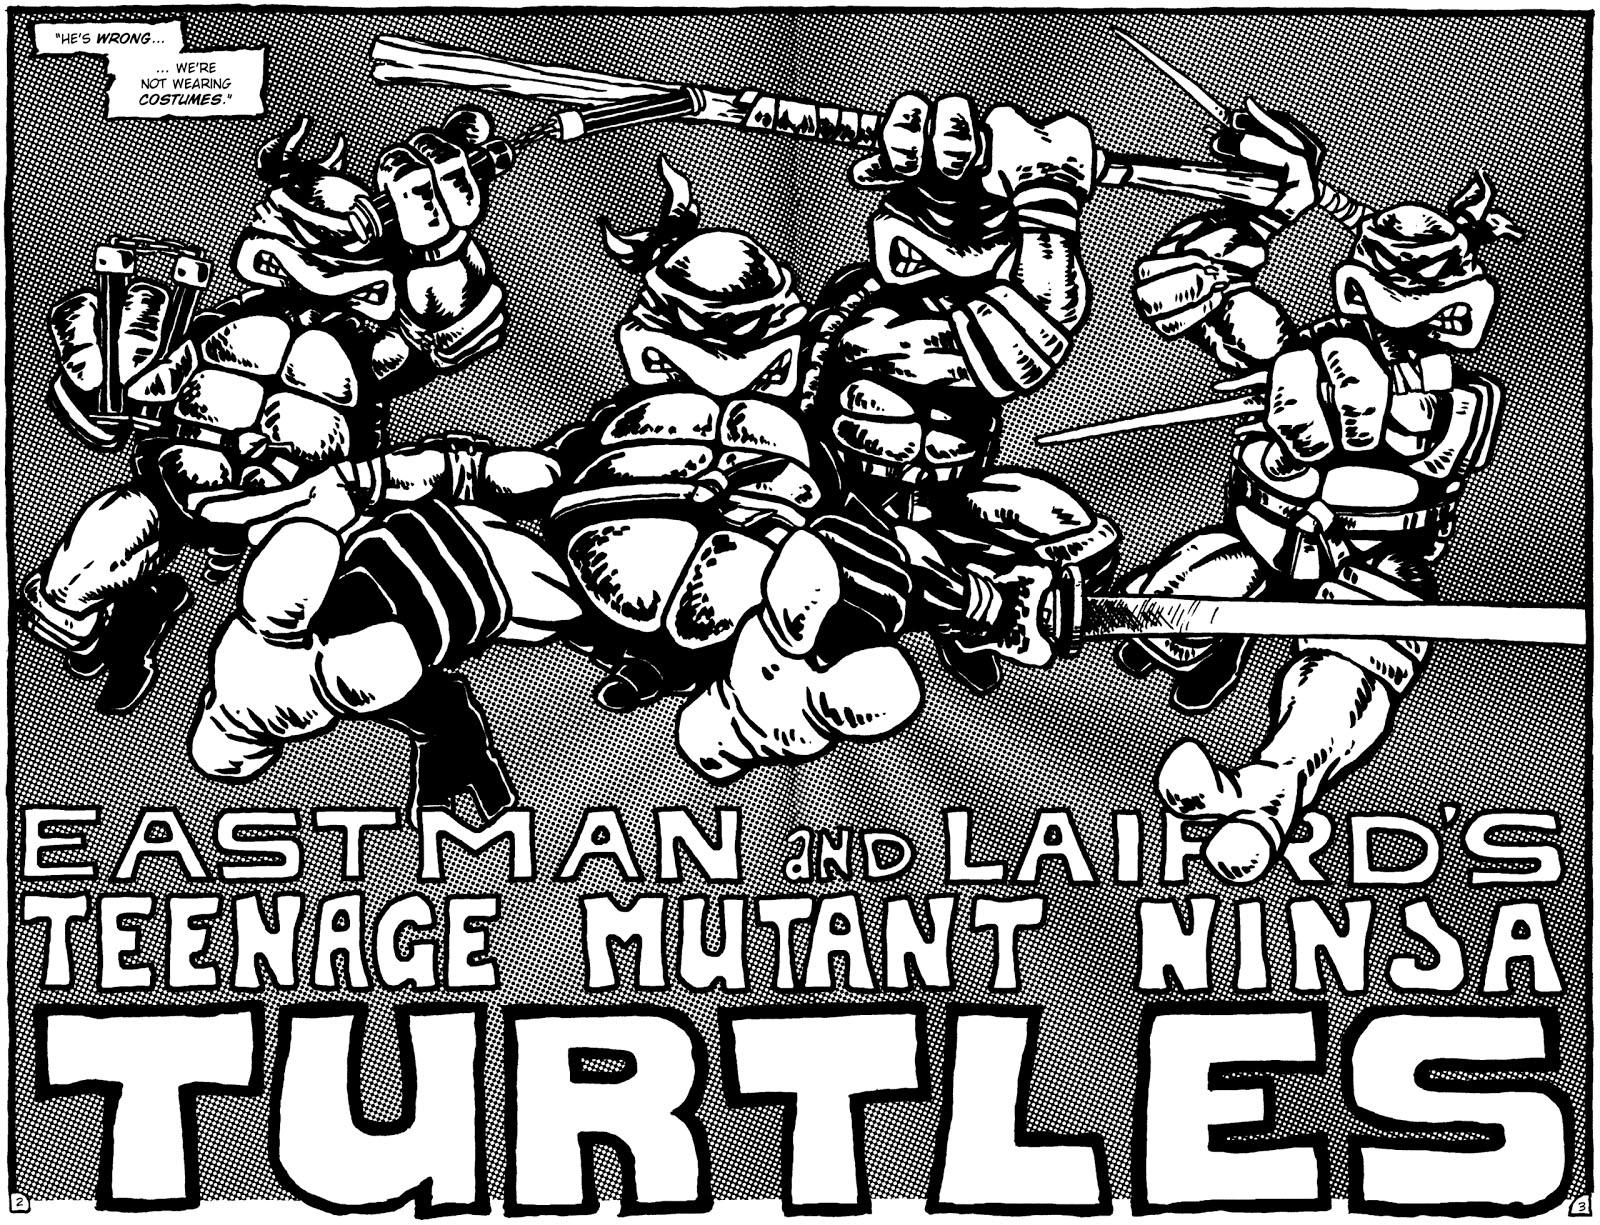 Teenage Mutant Ninja Turtles Eastman Laird